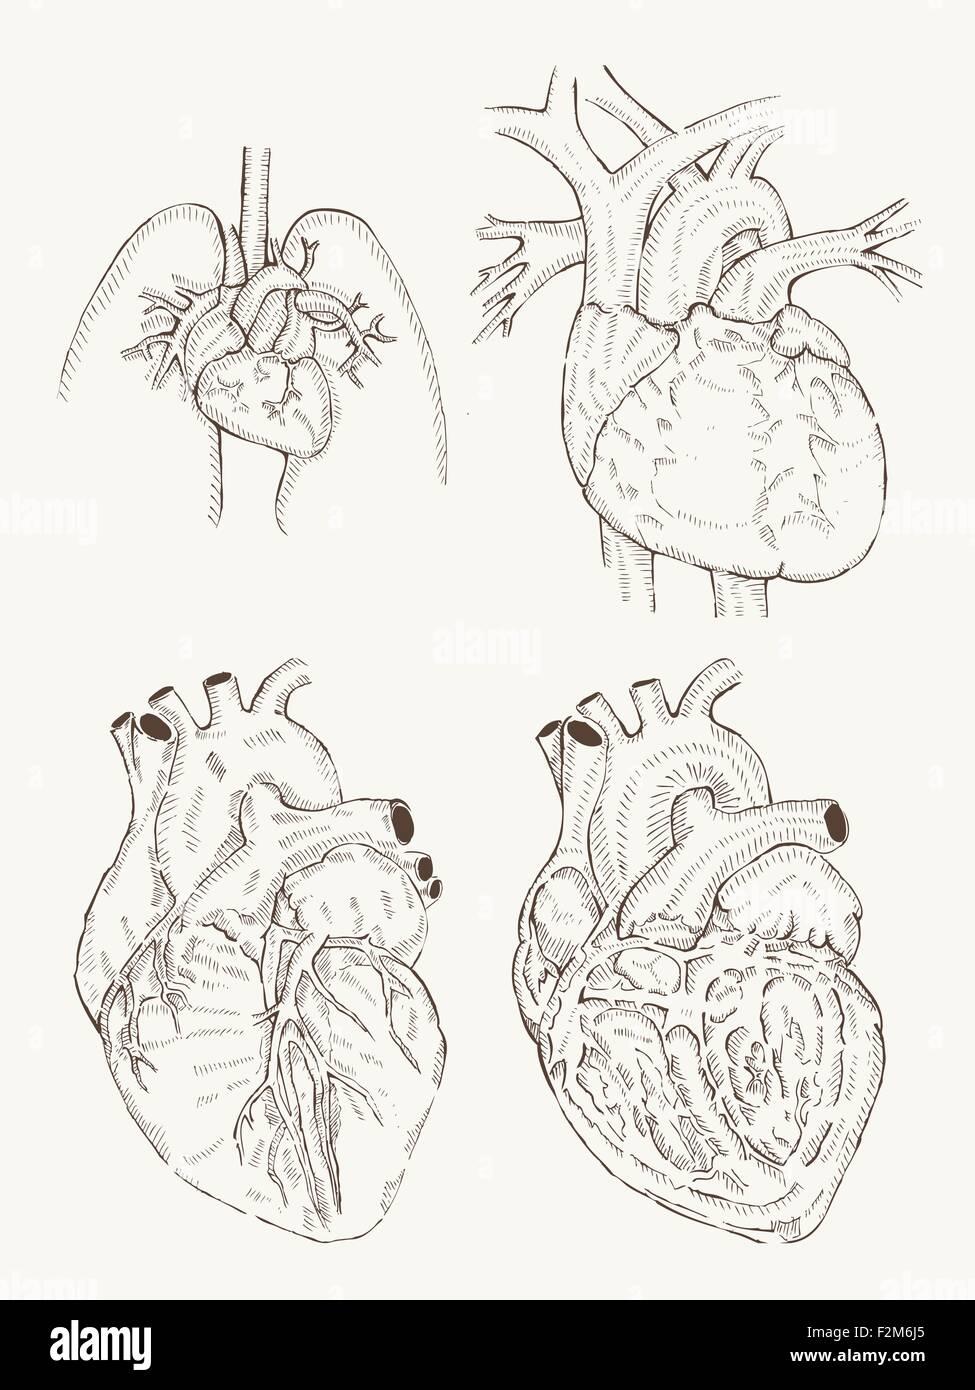 Herz-Anatomie-Hand zeichnen Vektor Abbildung - Bild: 87725405 - Alamy